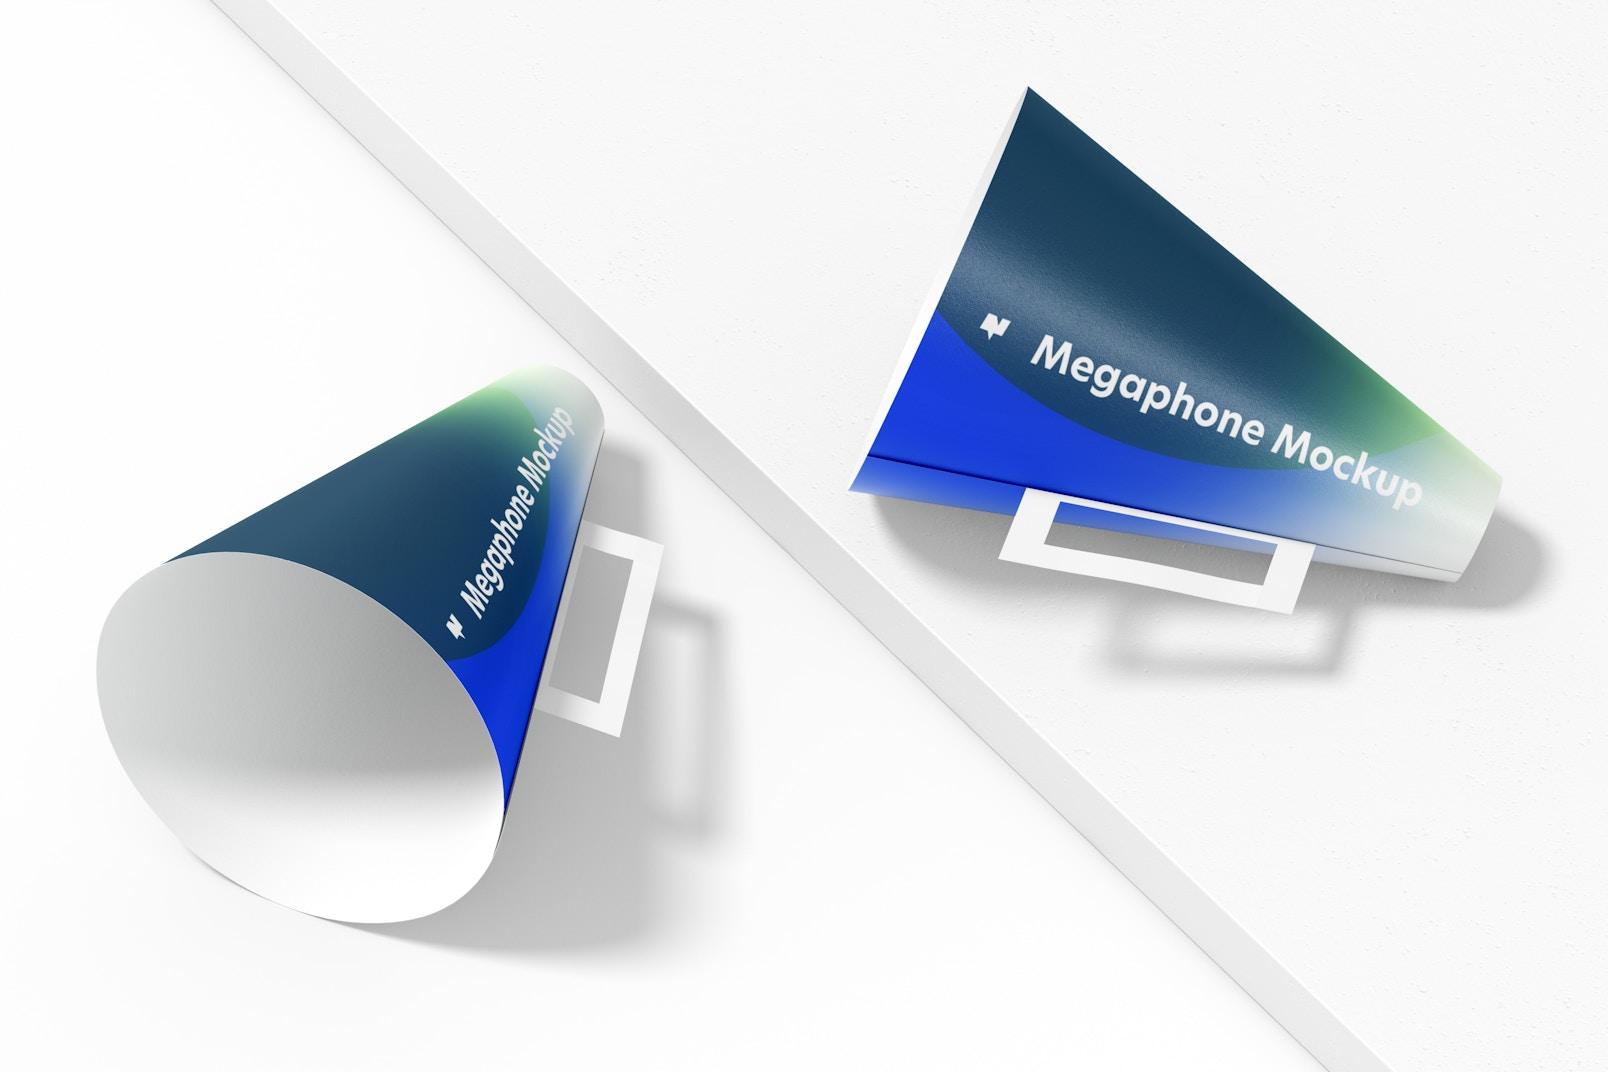 Paper Megaphones Mockup, Perspective